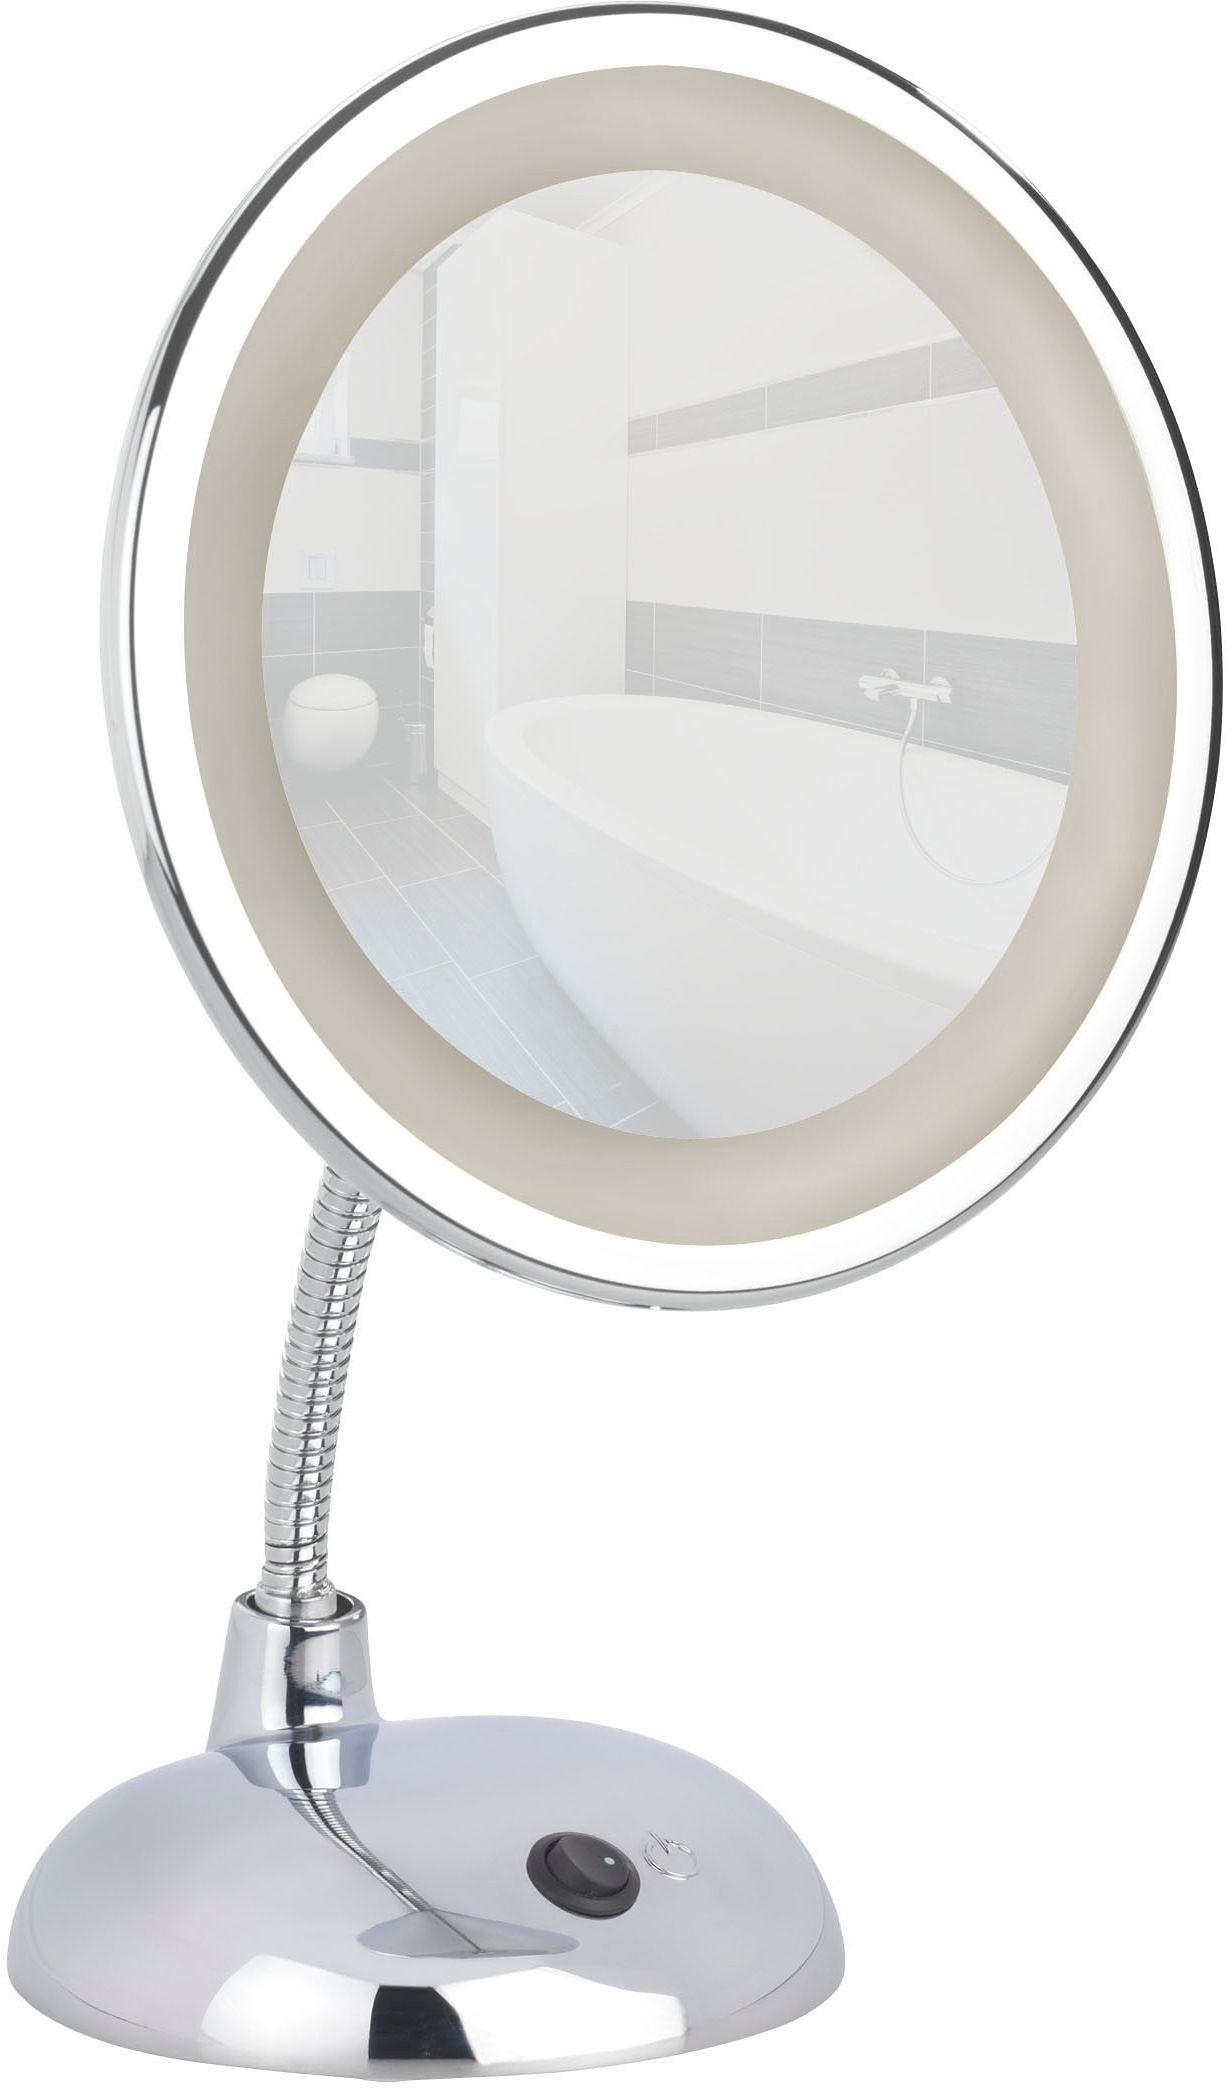 WENKO LED Kosmetikspiegel »Style«, Chrom, Standspiegel, 3-fach Vergrößerung